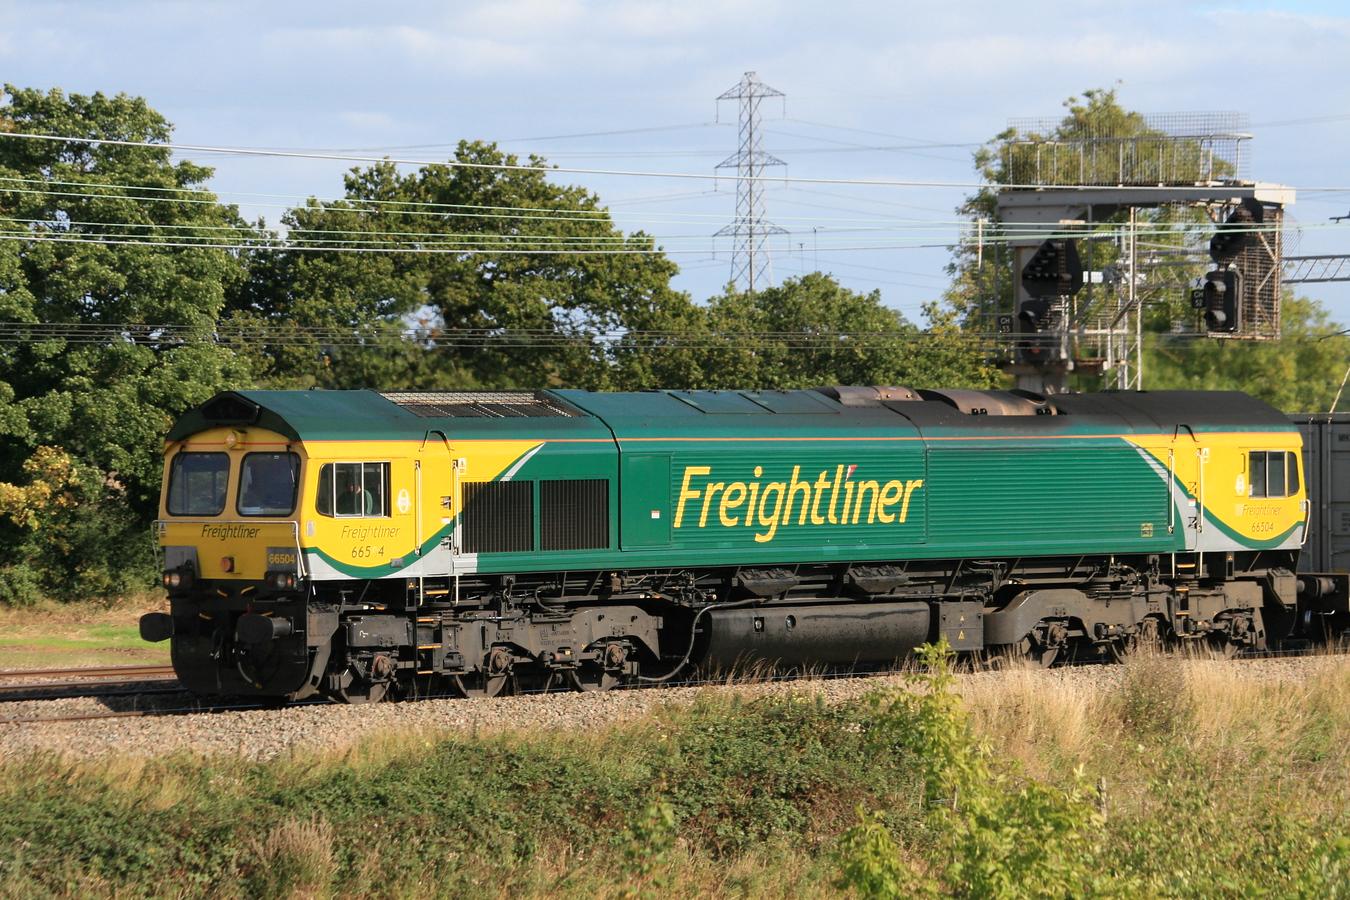 66504_RugeleyTV_25092015 (13)_Freightliner